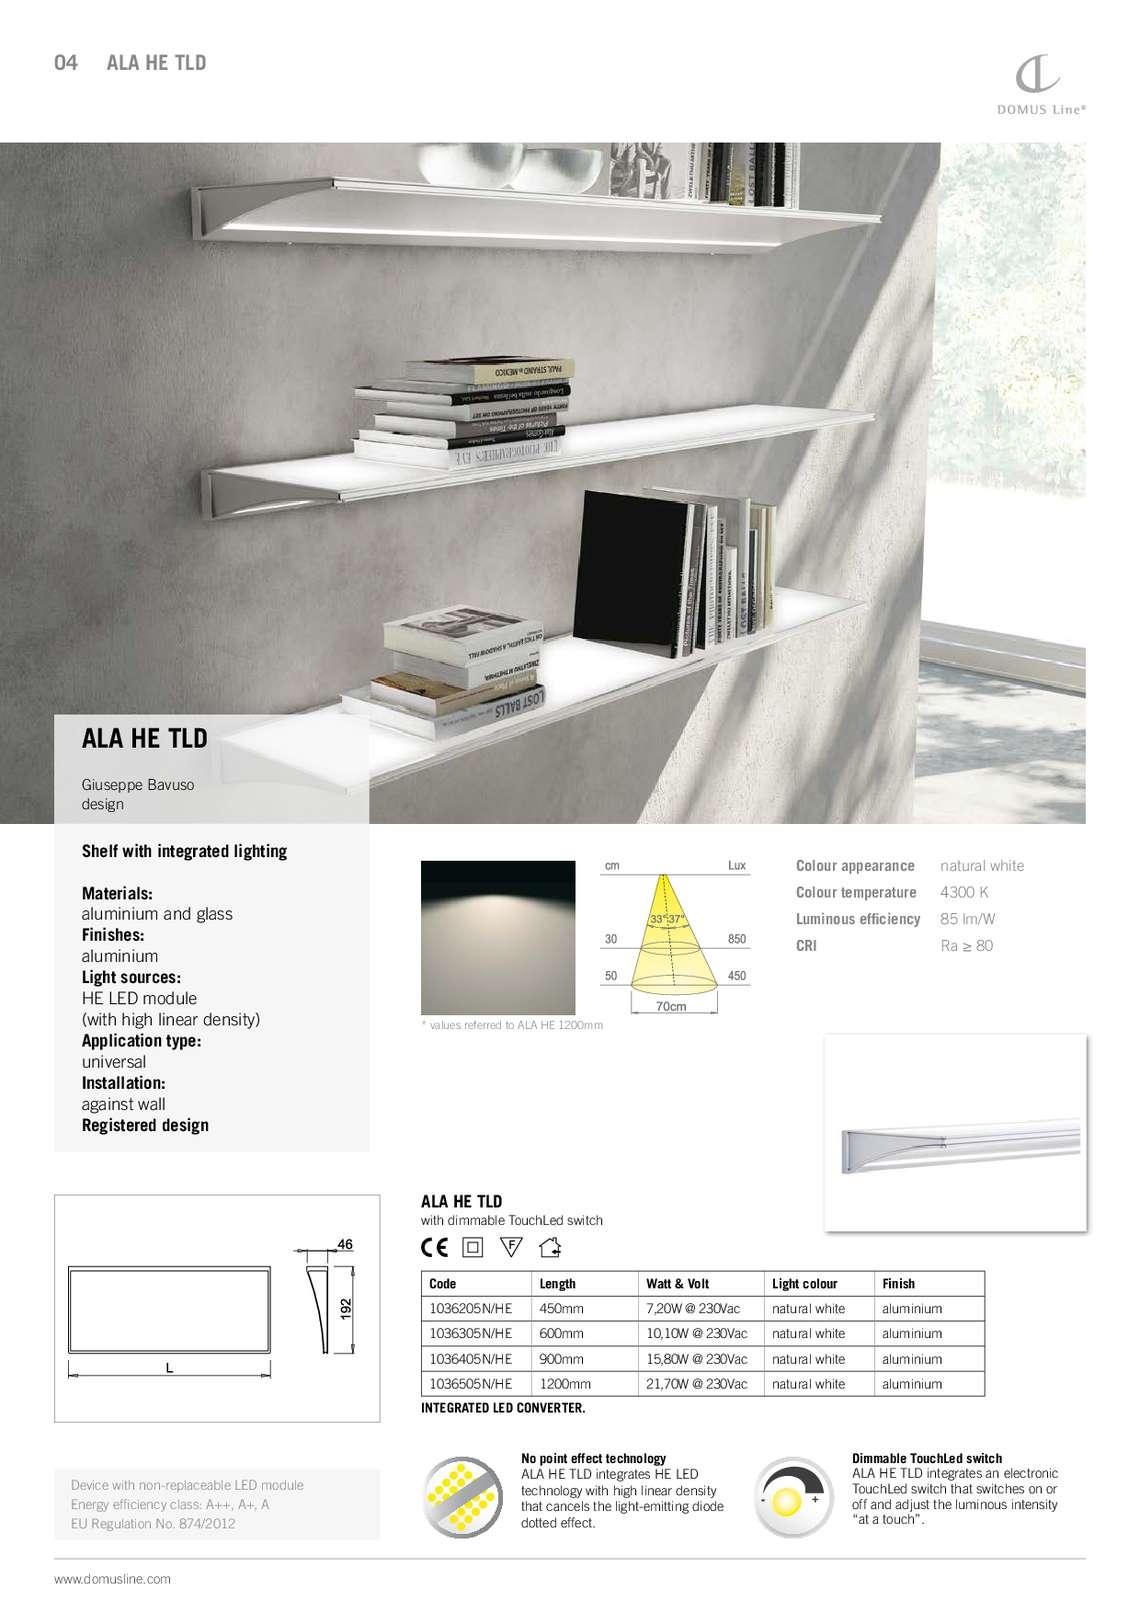 domus-line-top-seller_27_005.jpg